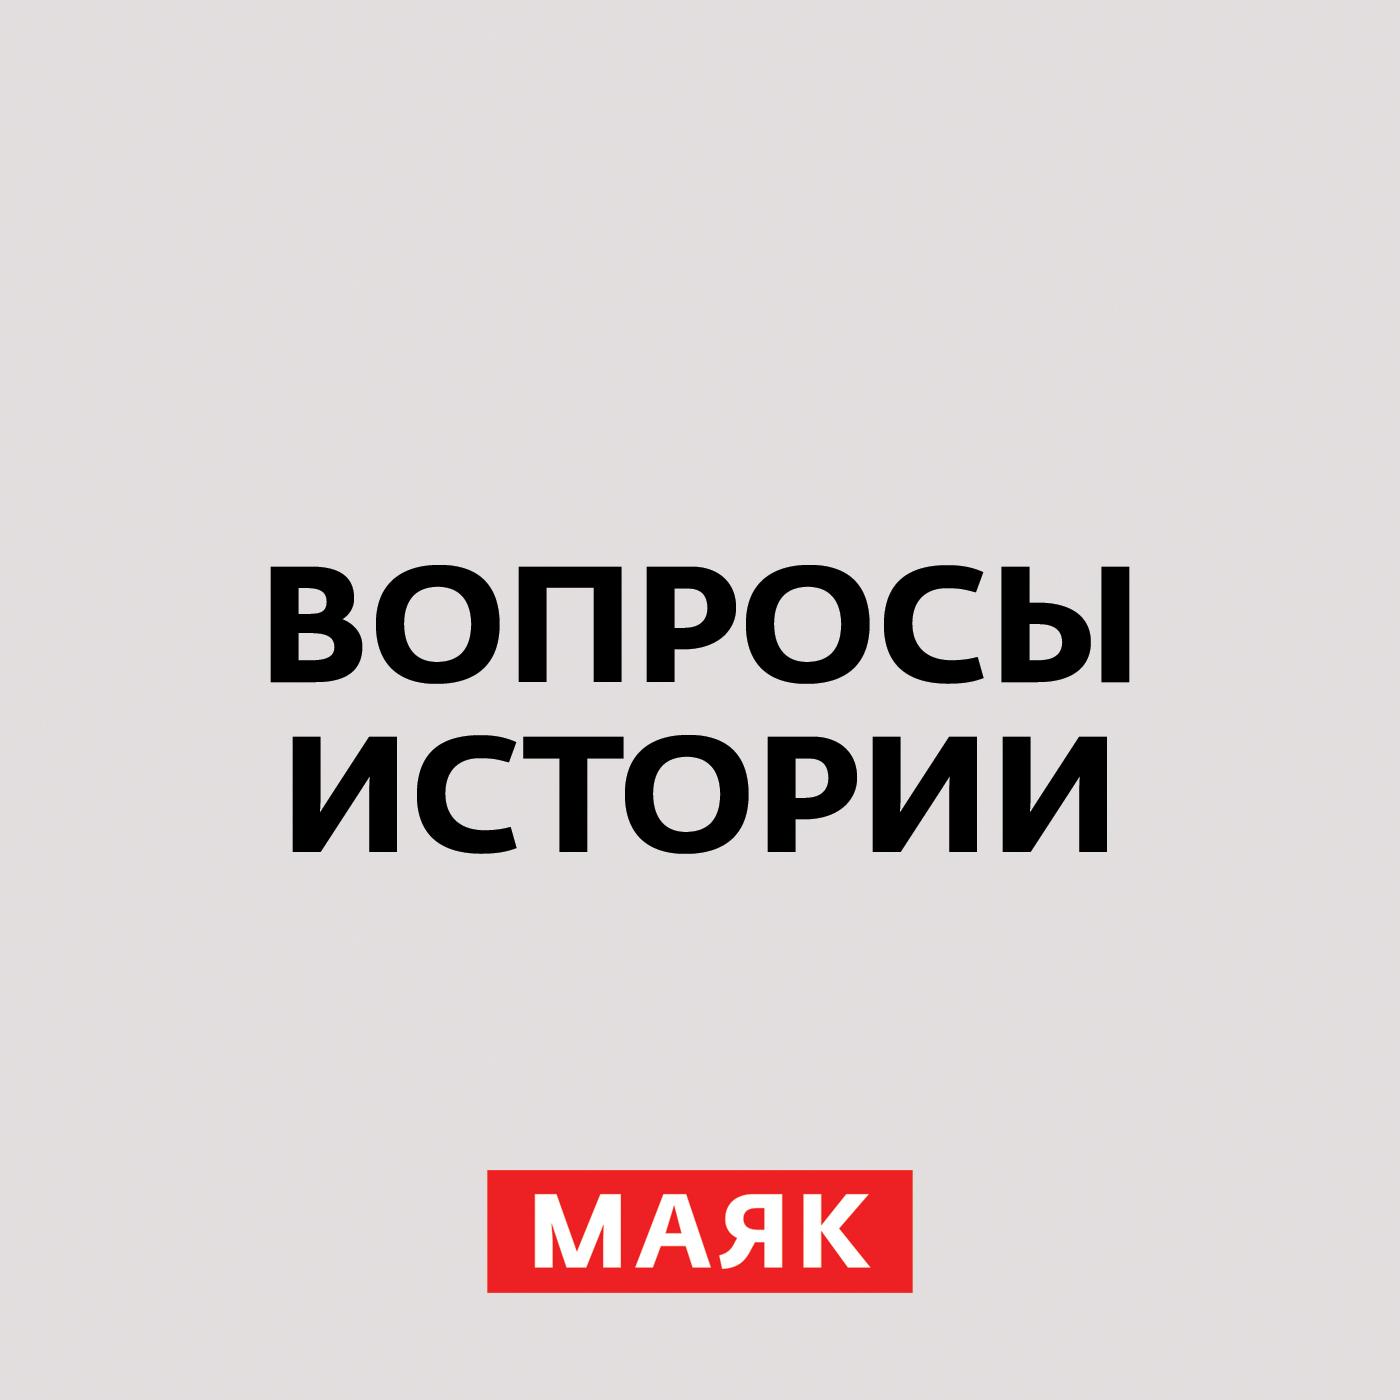 Андрей Светенко Самодержавие быстро костенеет и окукливается андрей светенко первая мировая никто не рассчитывал долго сидеть в окопах